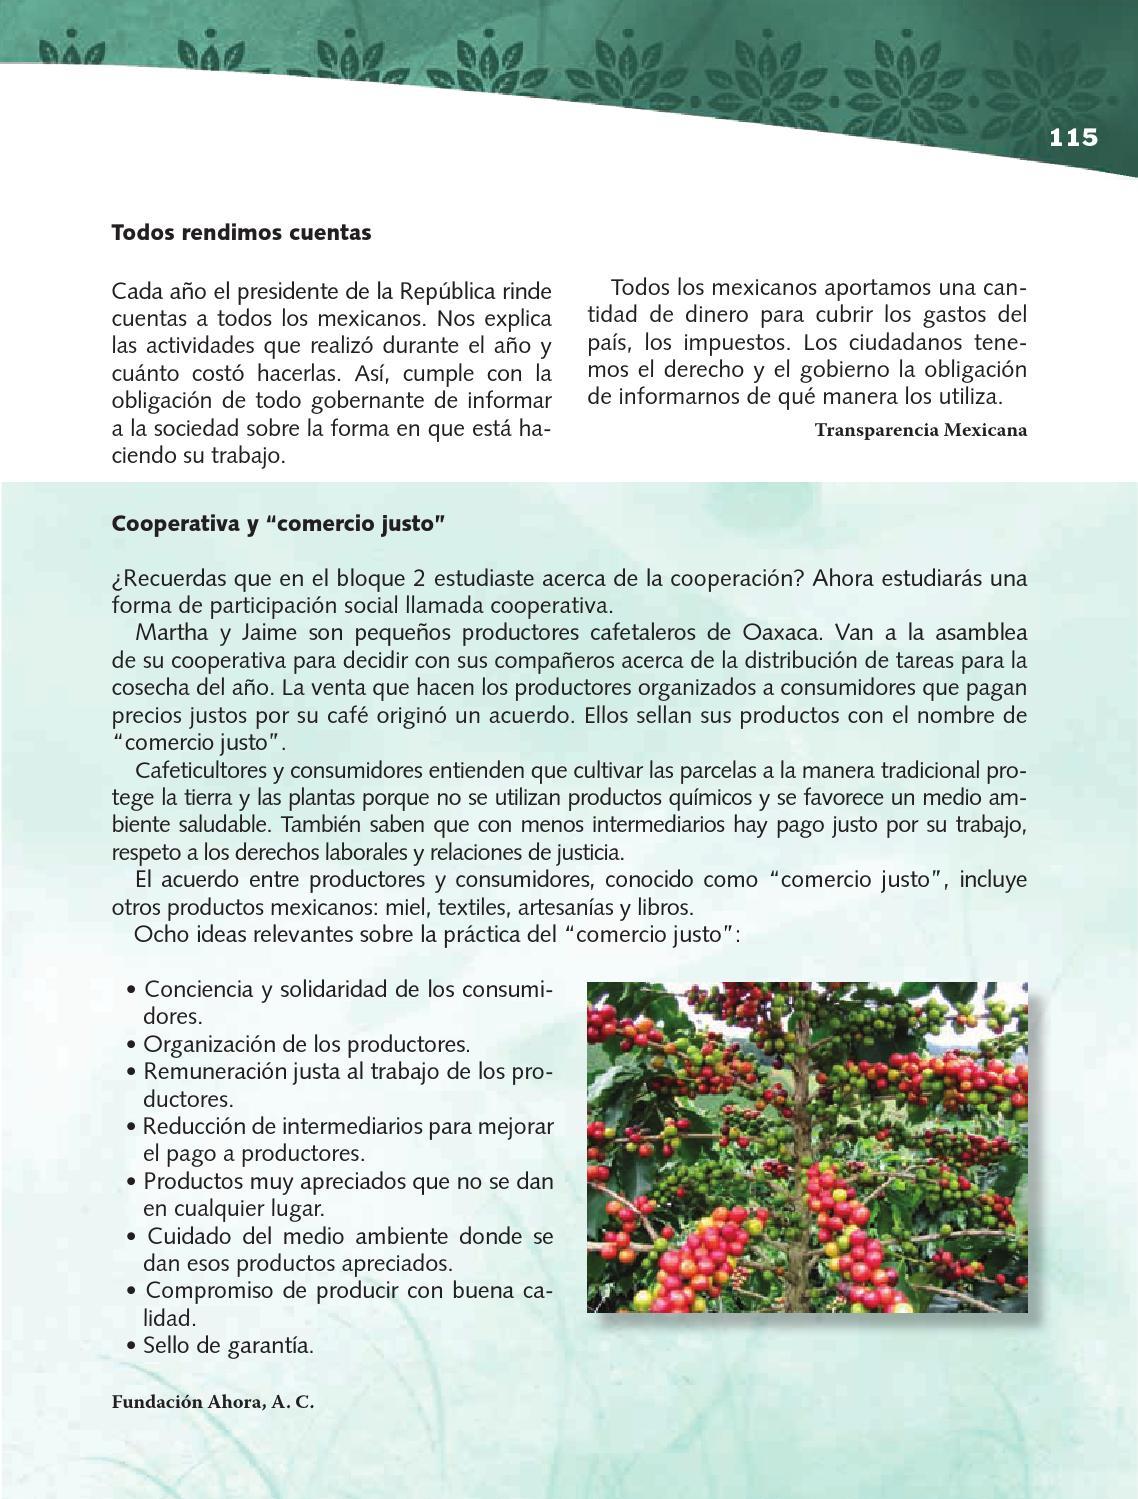 Para aprender más - Formación Cívica y Ética 4to Bloque 5 2014-2015